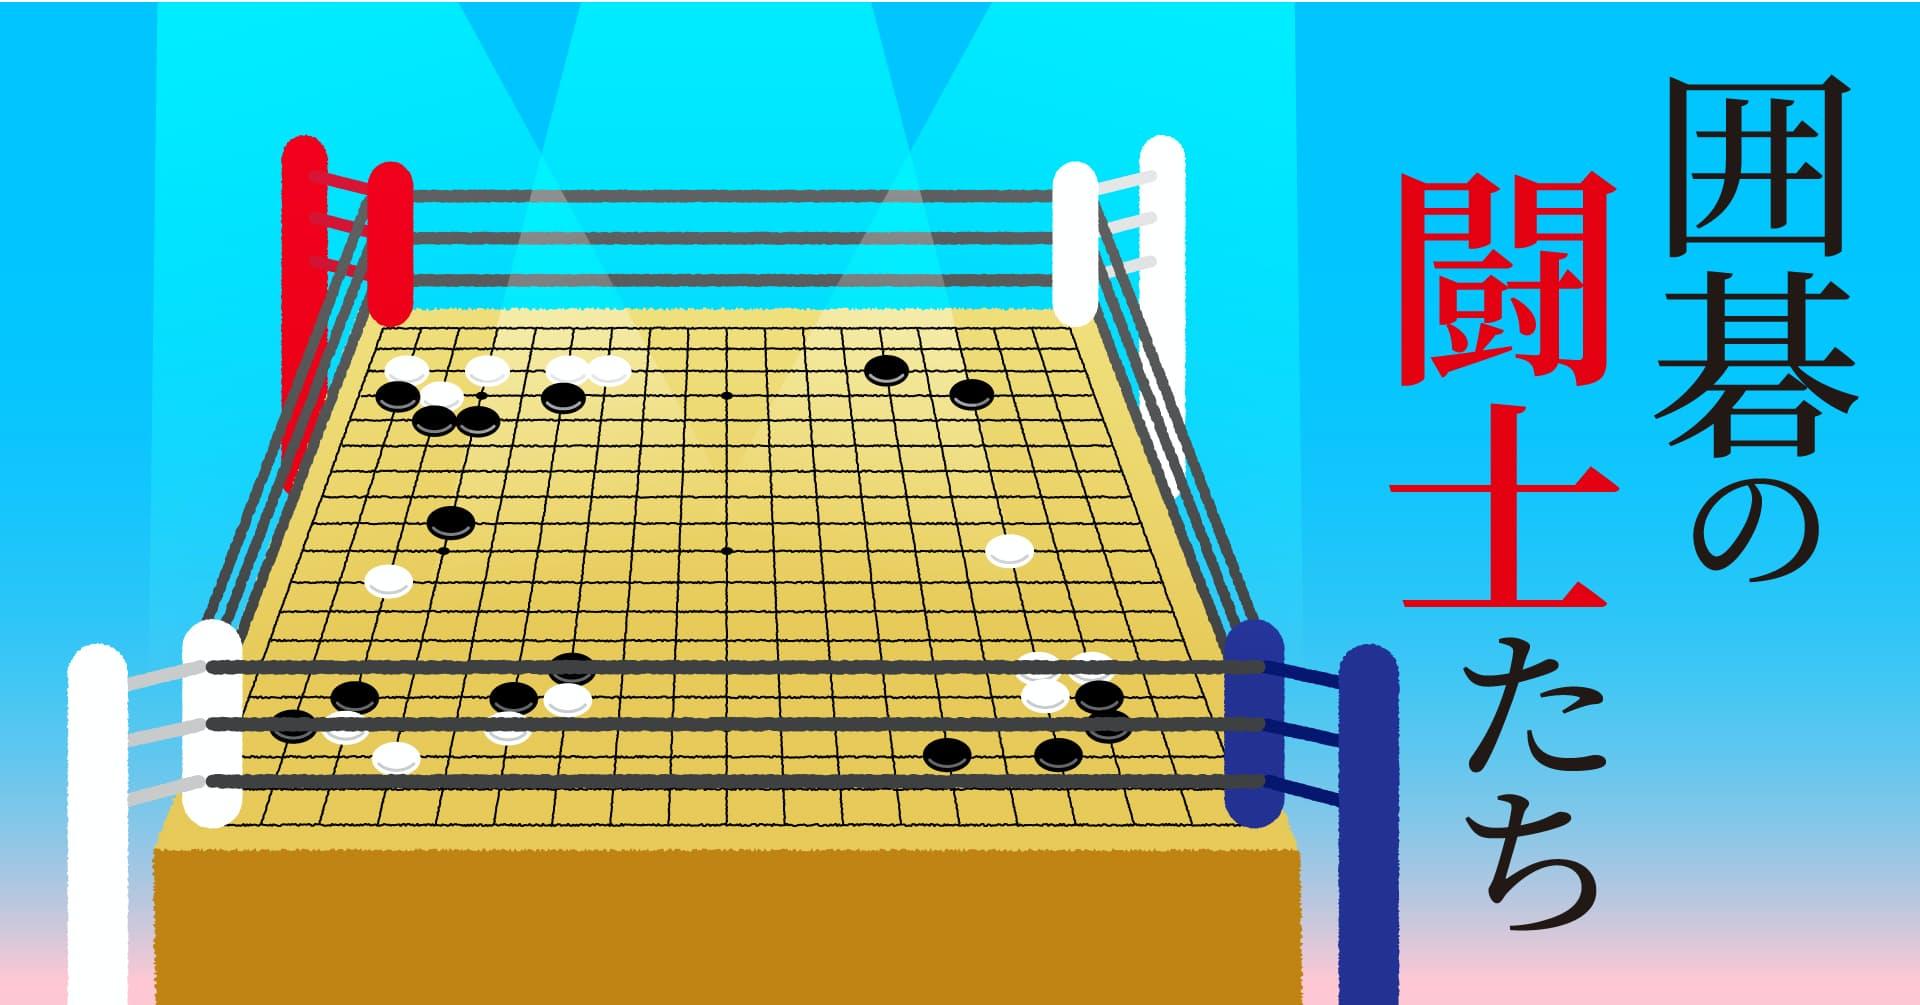 囲碁の闘士たち